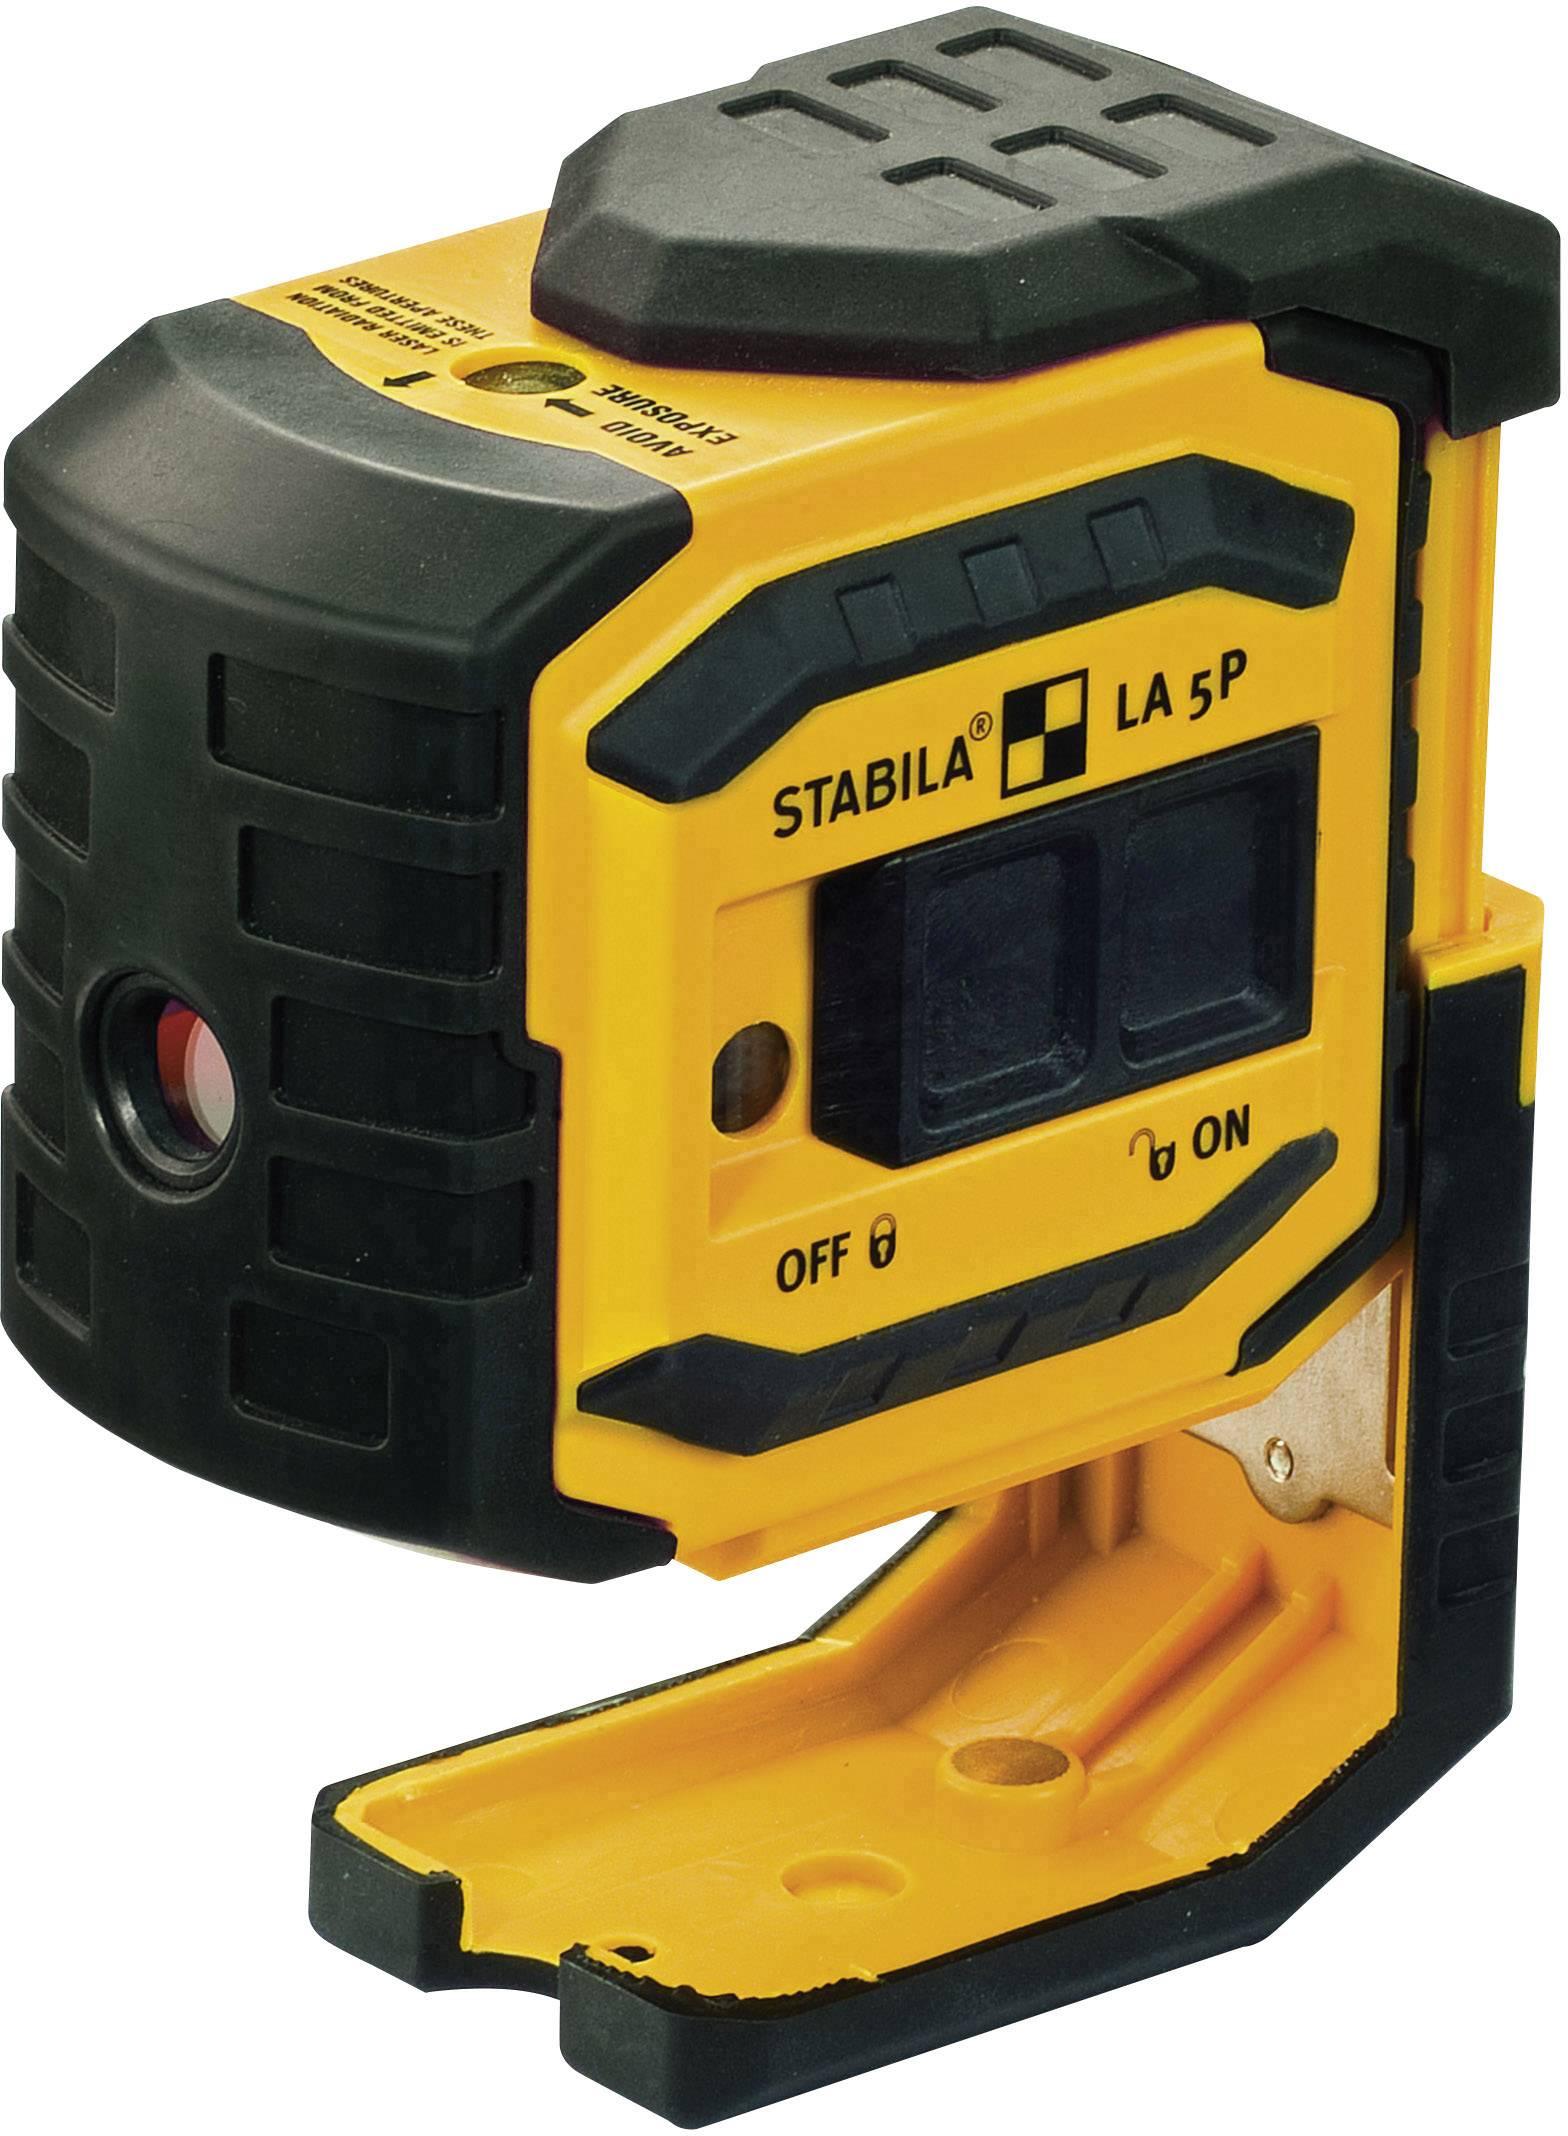 Bodový laser samonivelační Stabila LA-5P, dosah (max.): 30 m, Kalibrováno dle: bez certifikátu